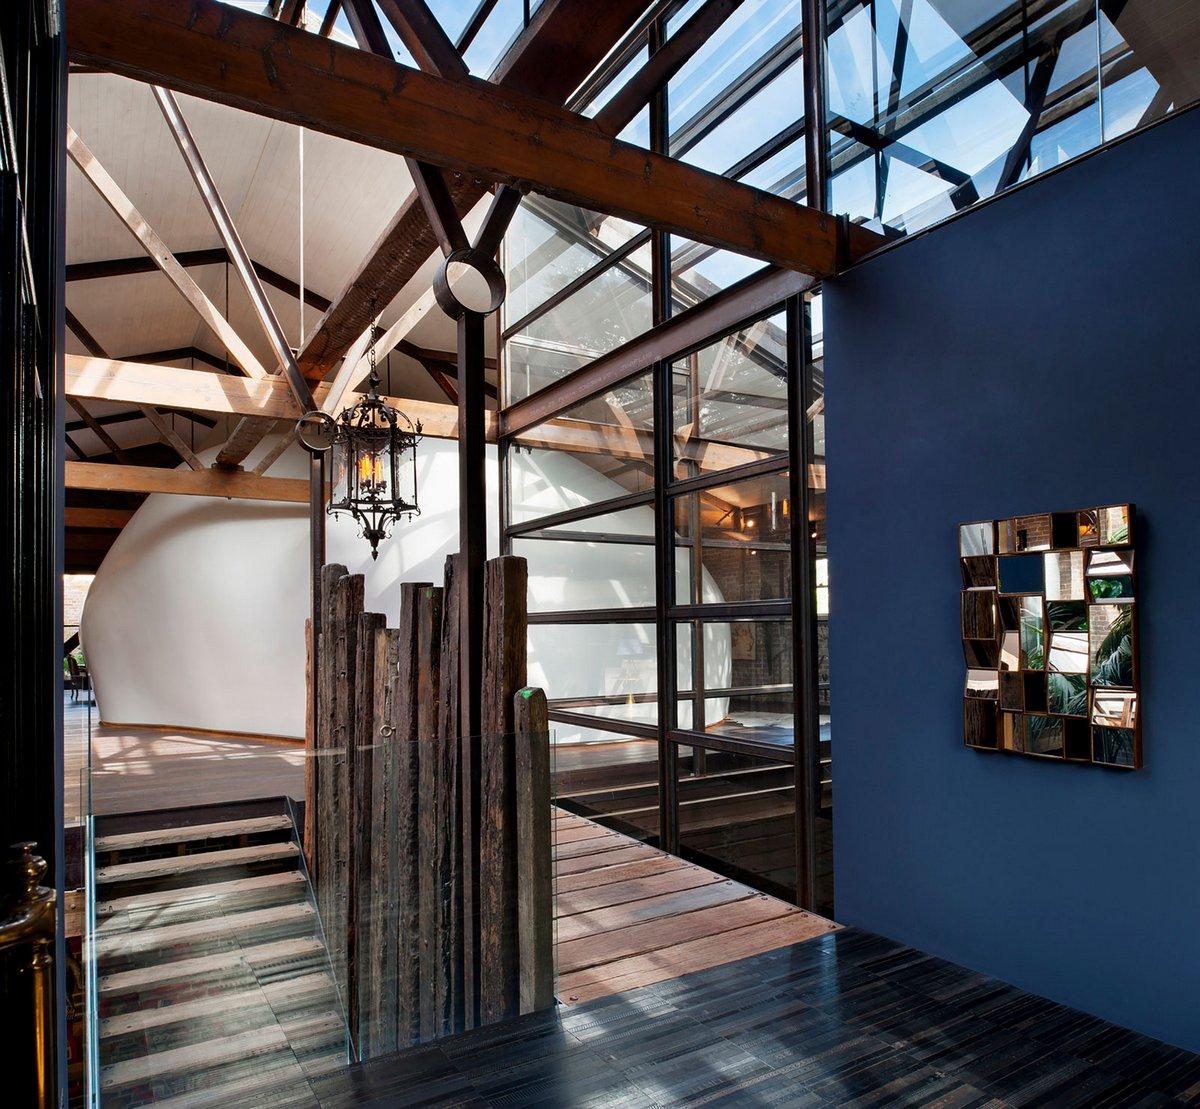 Жилой дом в здании промышленного склада в Сиднее